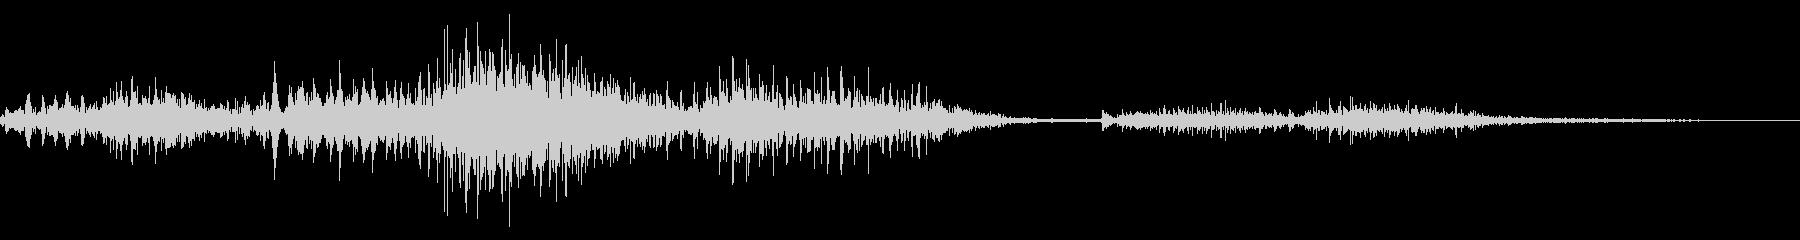 ゾンビやモンスターの唸り声/叫び声20bの未再生の波形